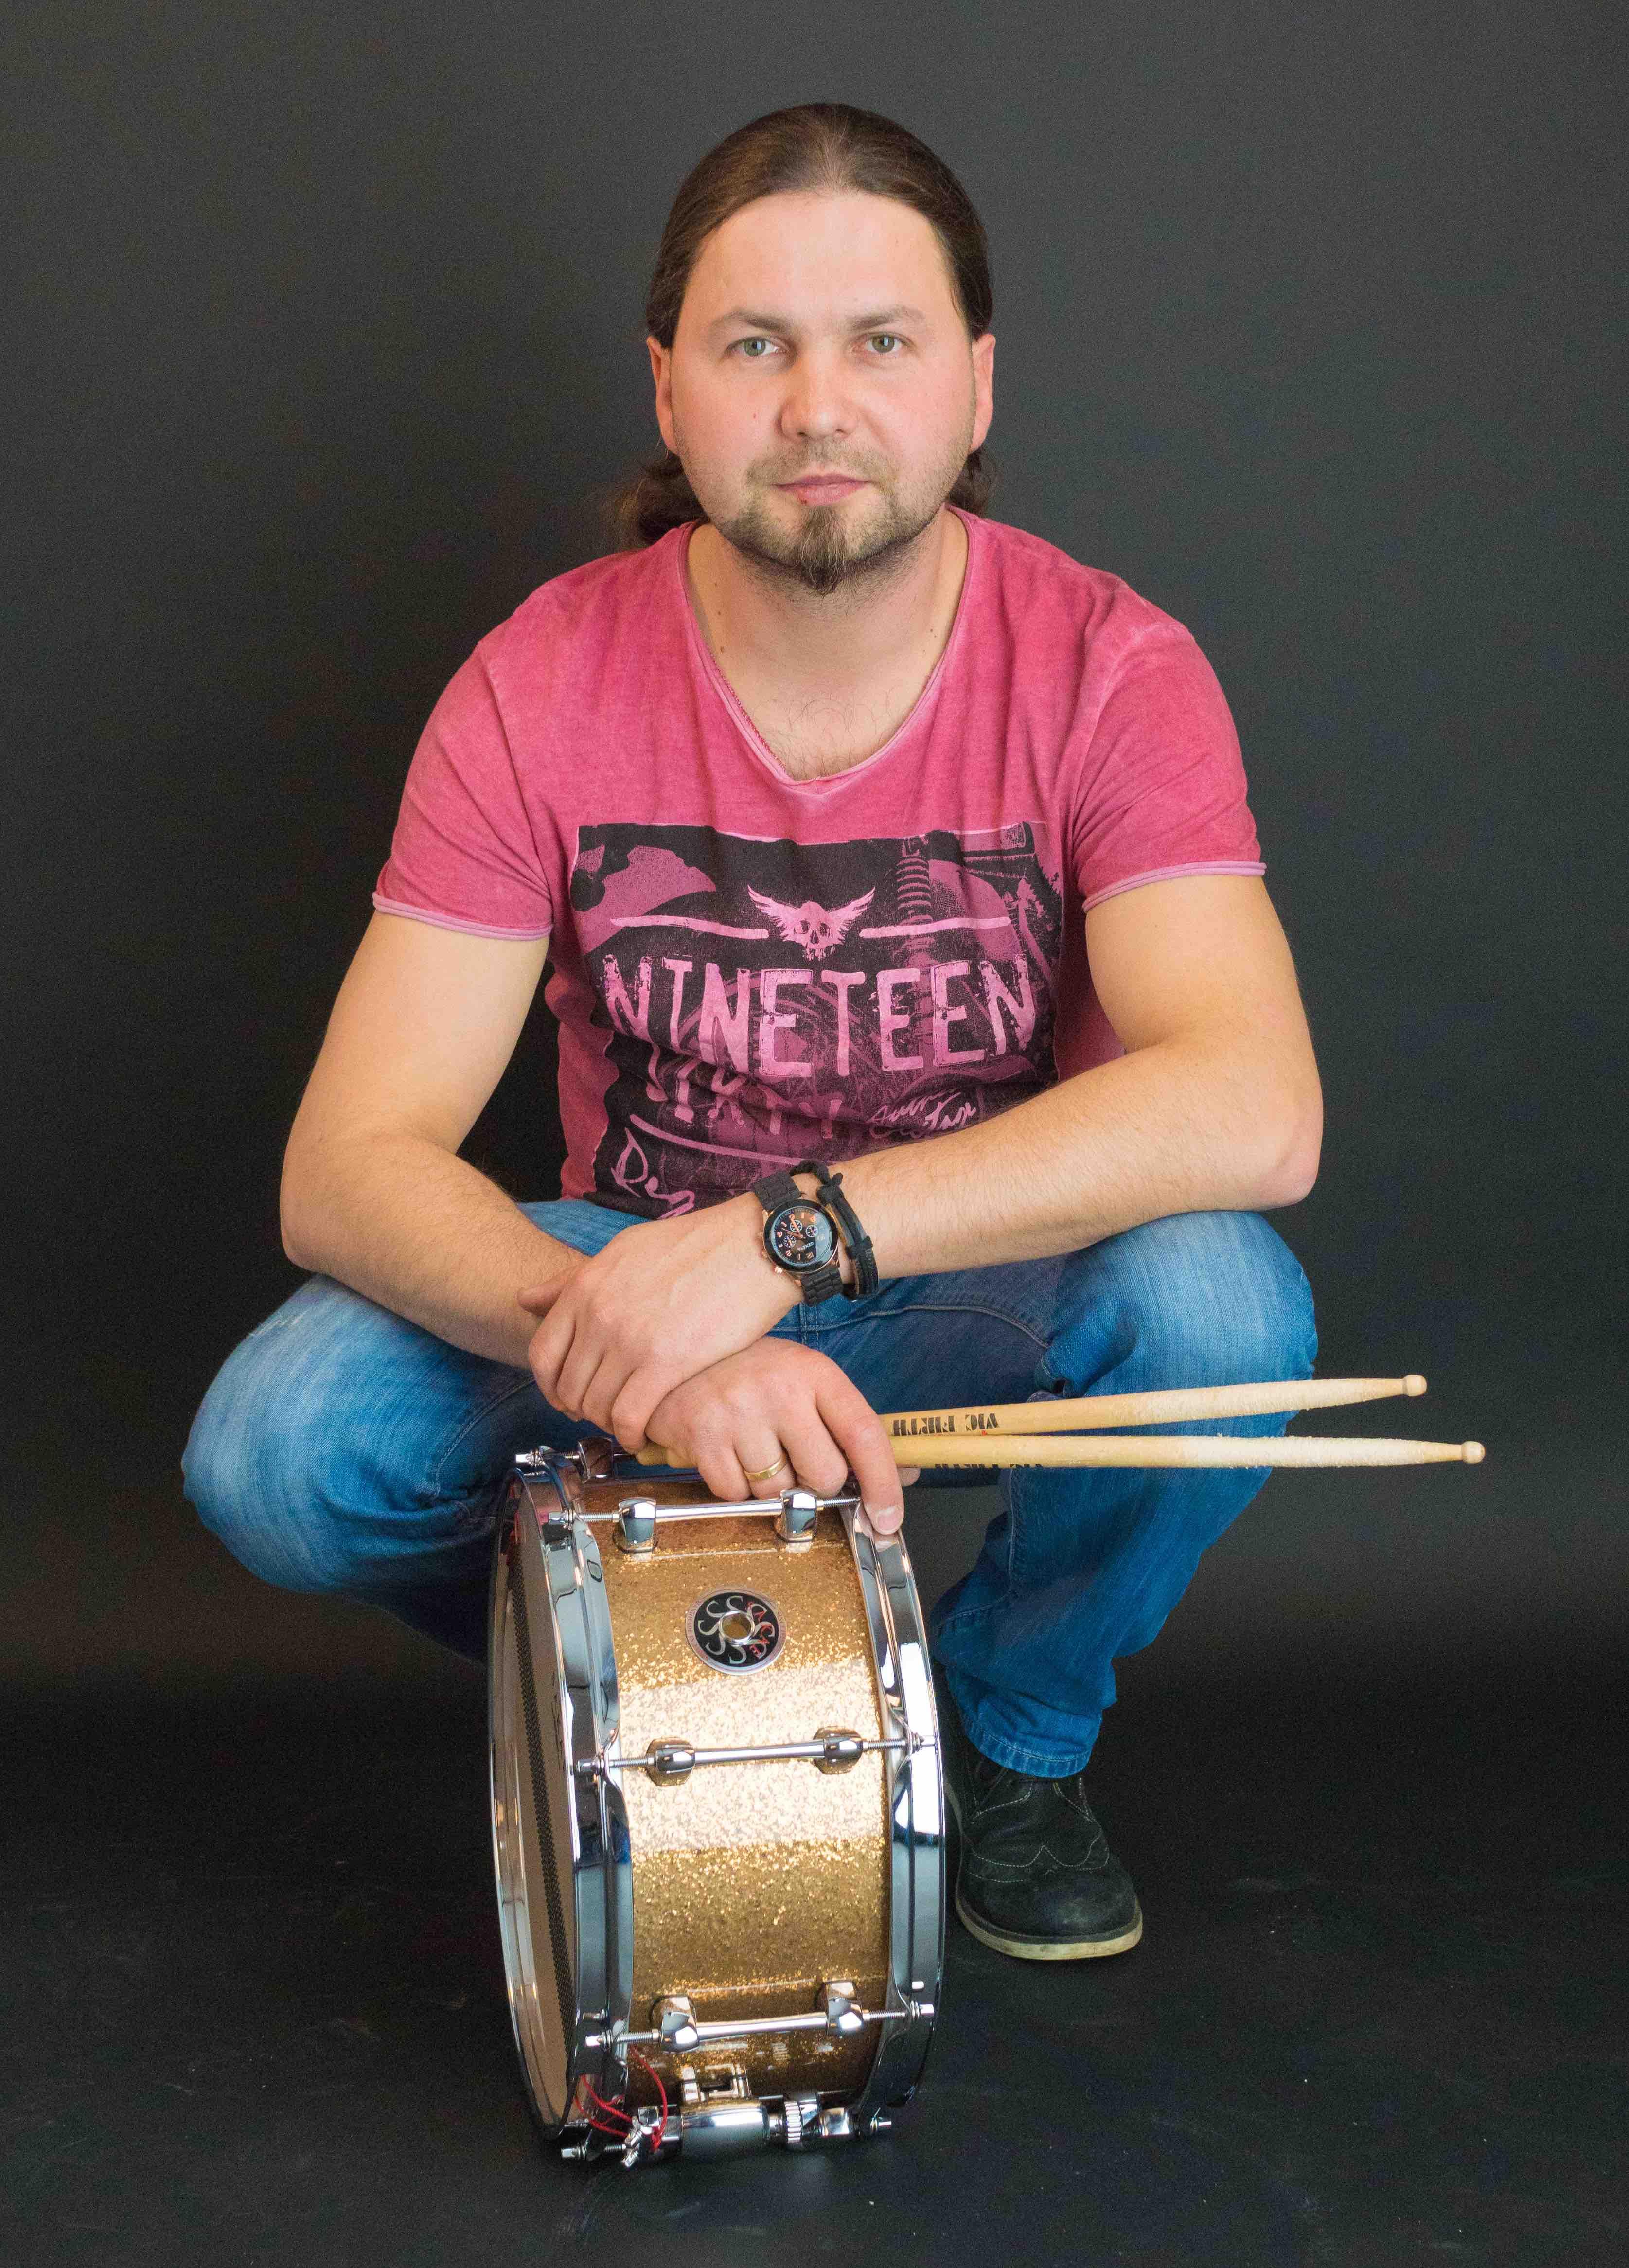 GrzegorzKrawczyk